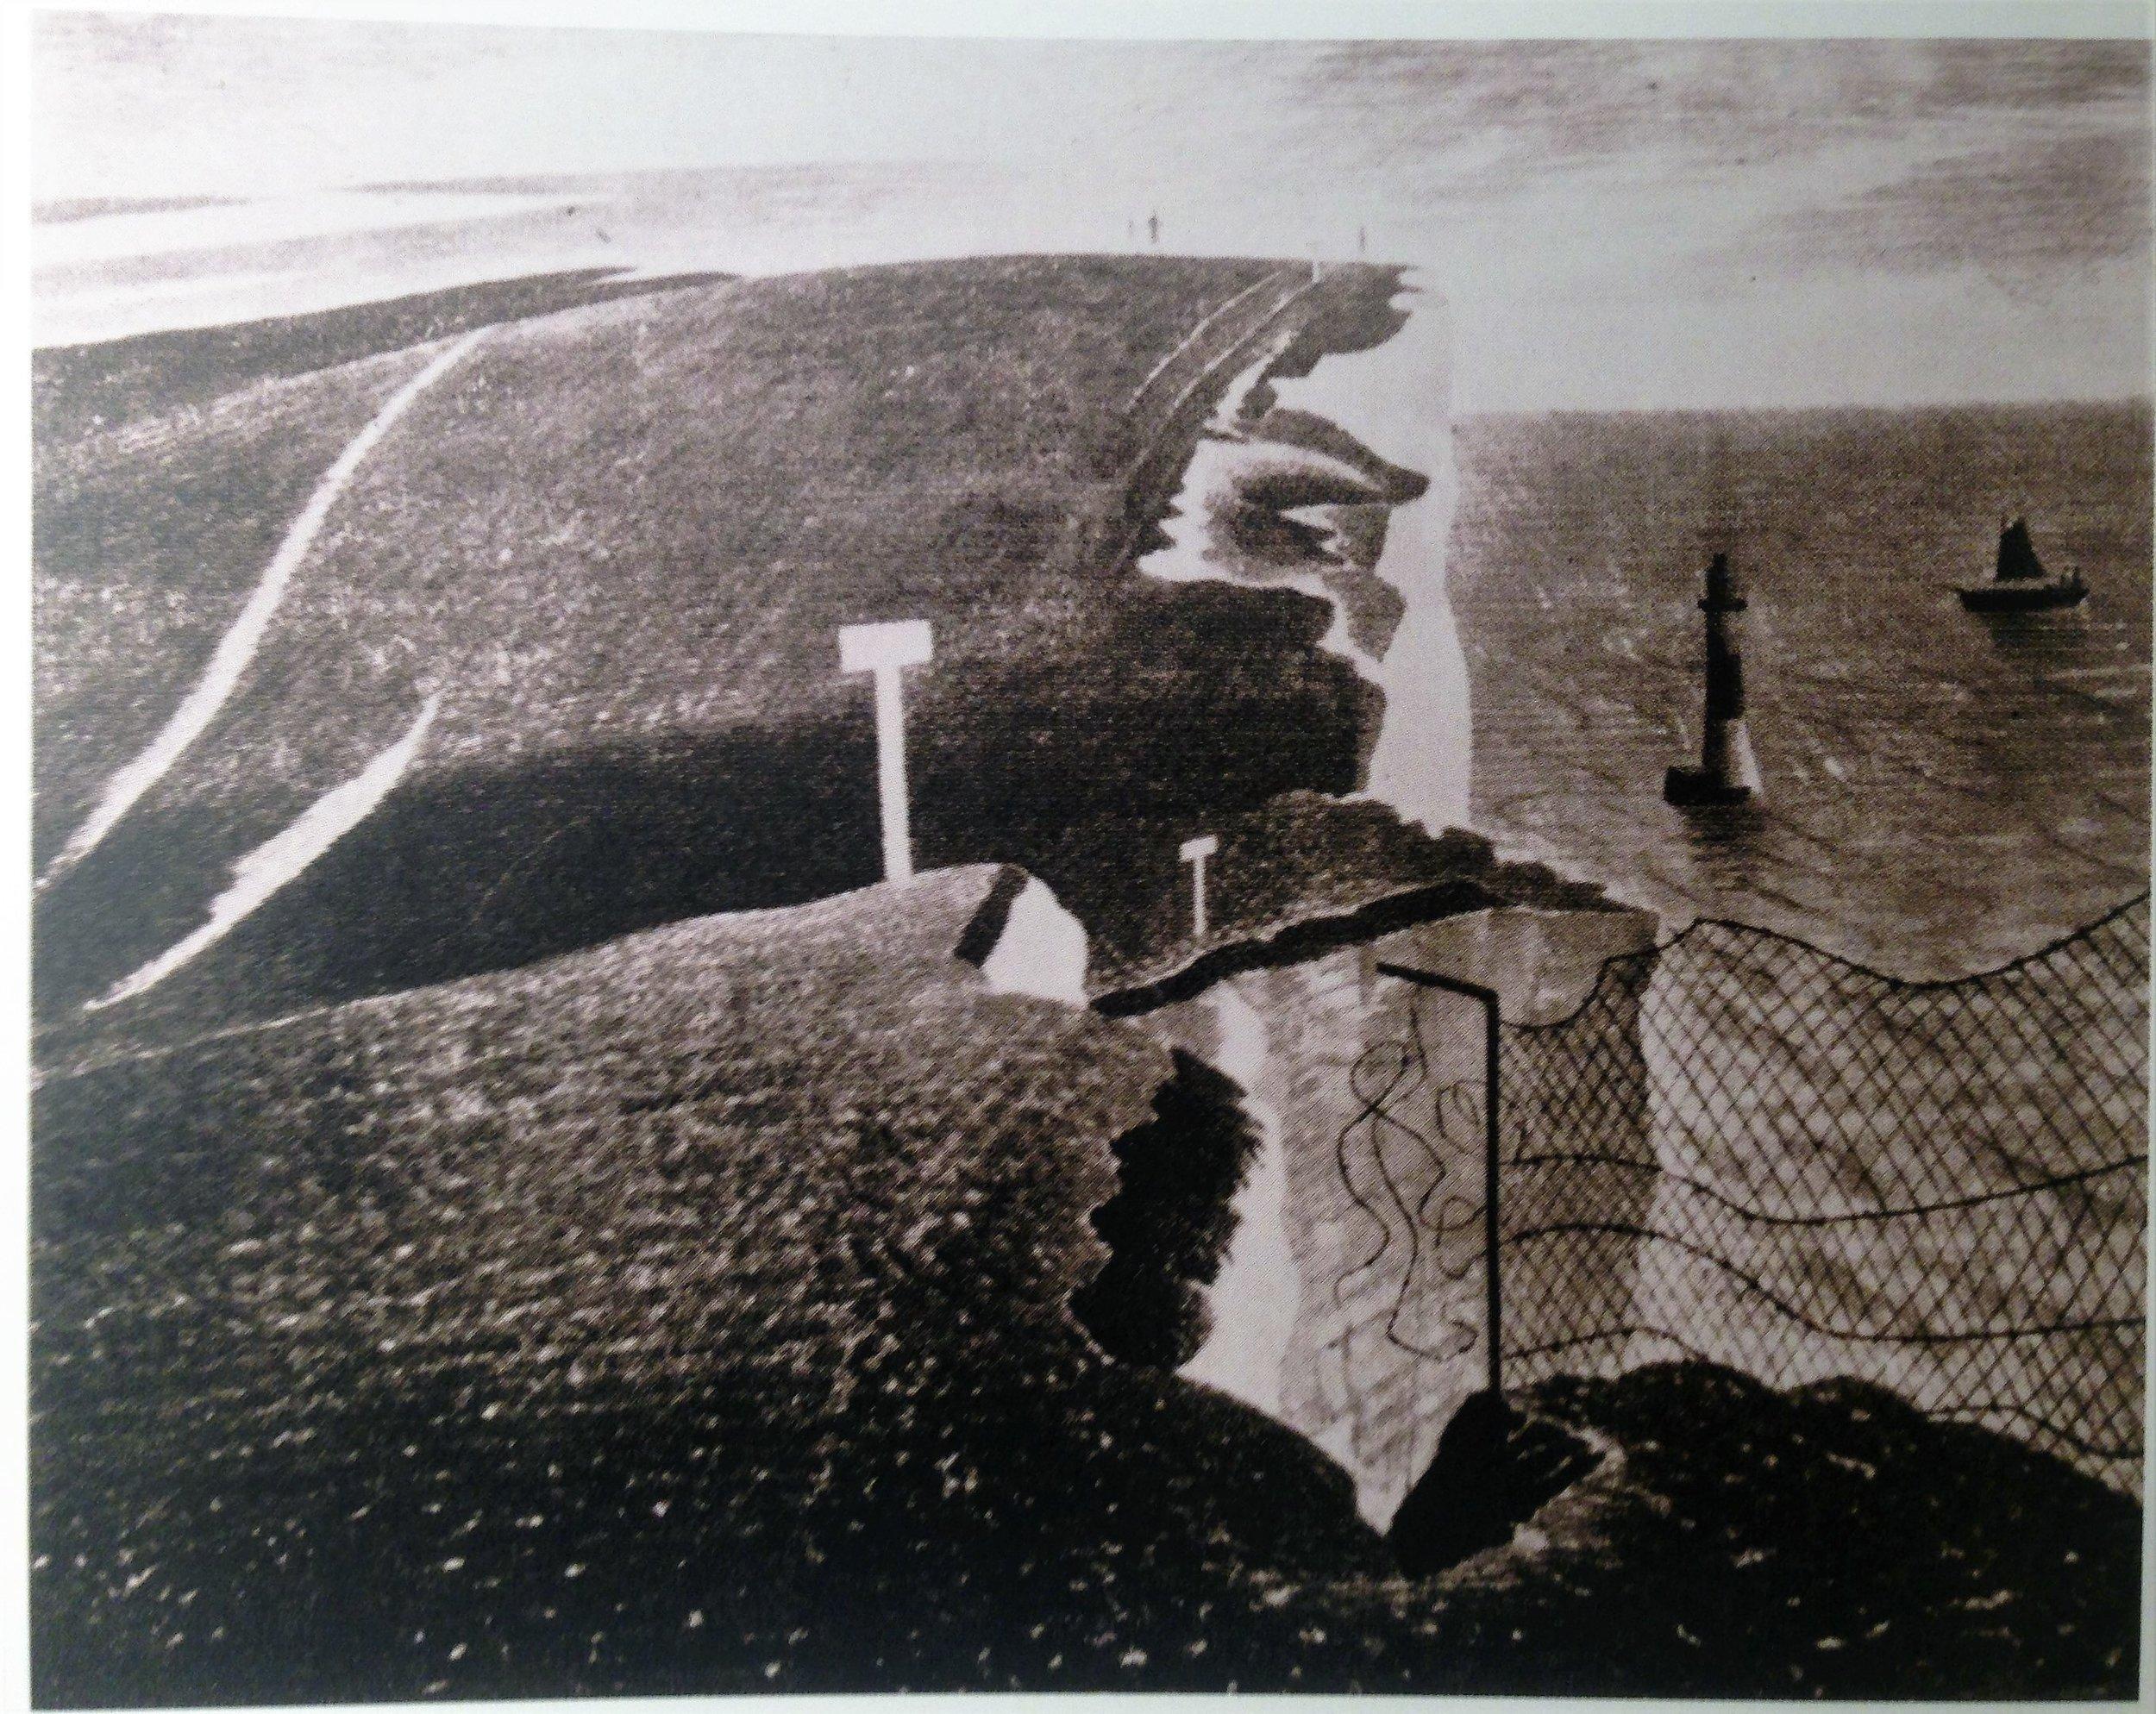 Cliffs in March (1939)